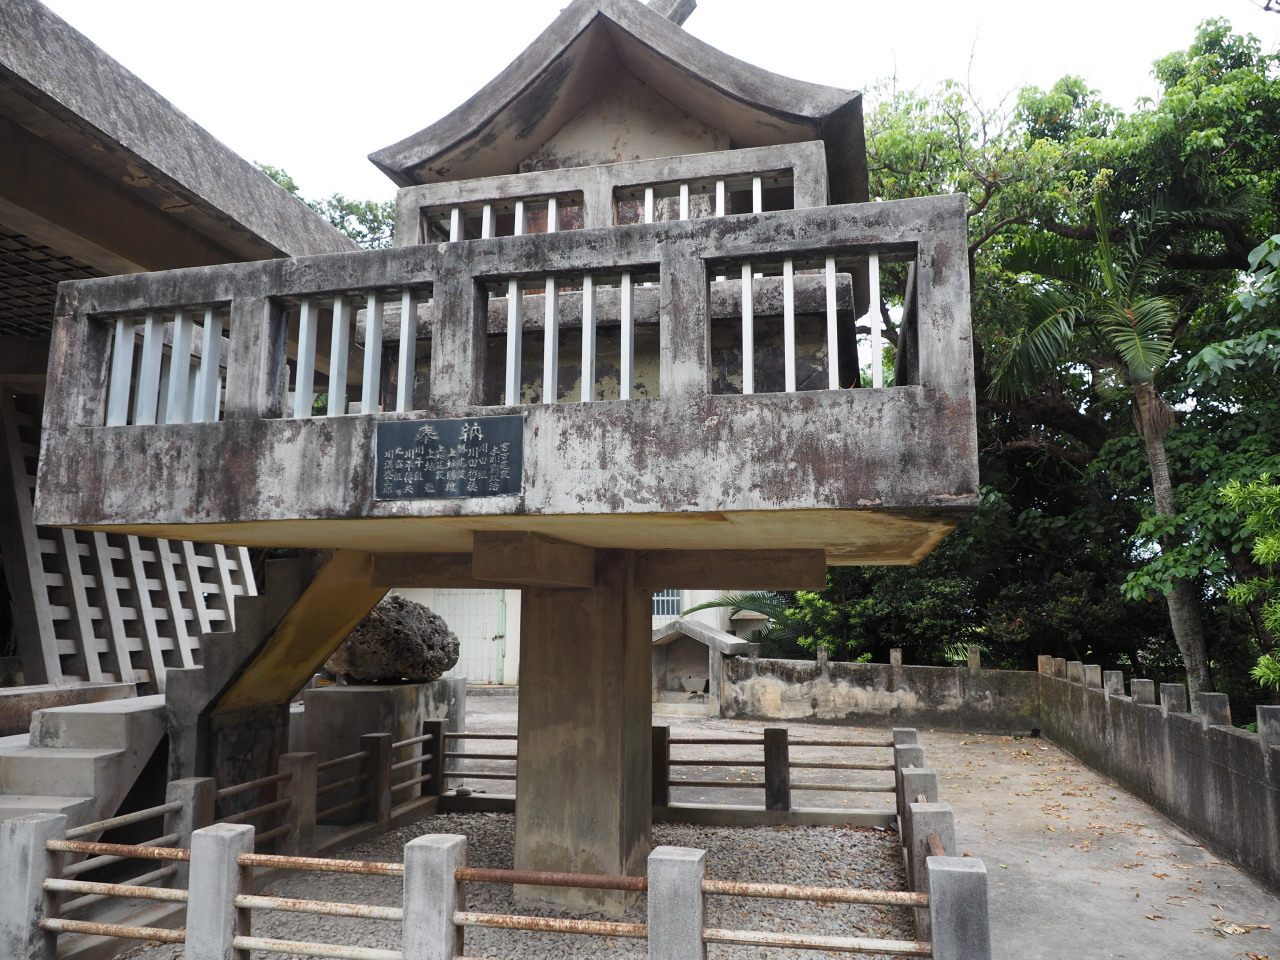 コンクリート造りの、なんとなく本土の神道の影響をうかがわせる形式の社